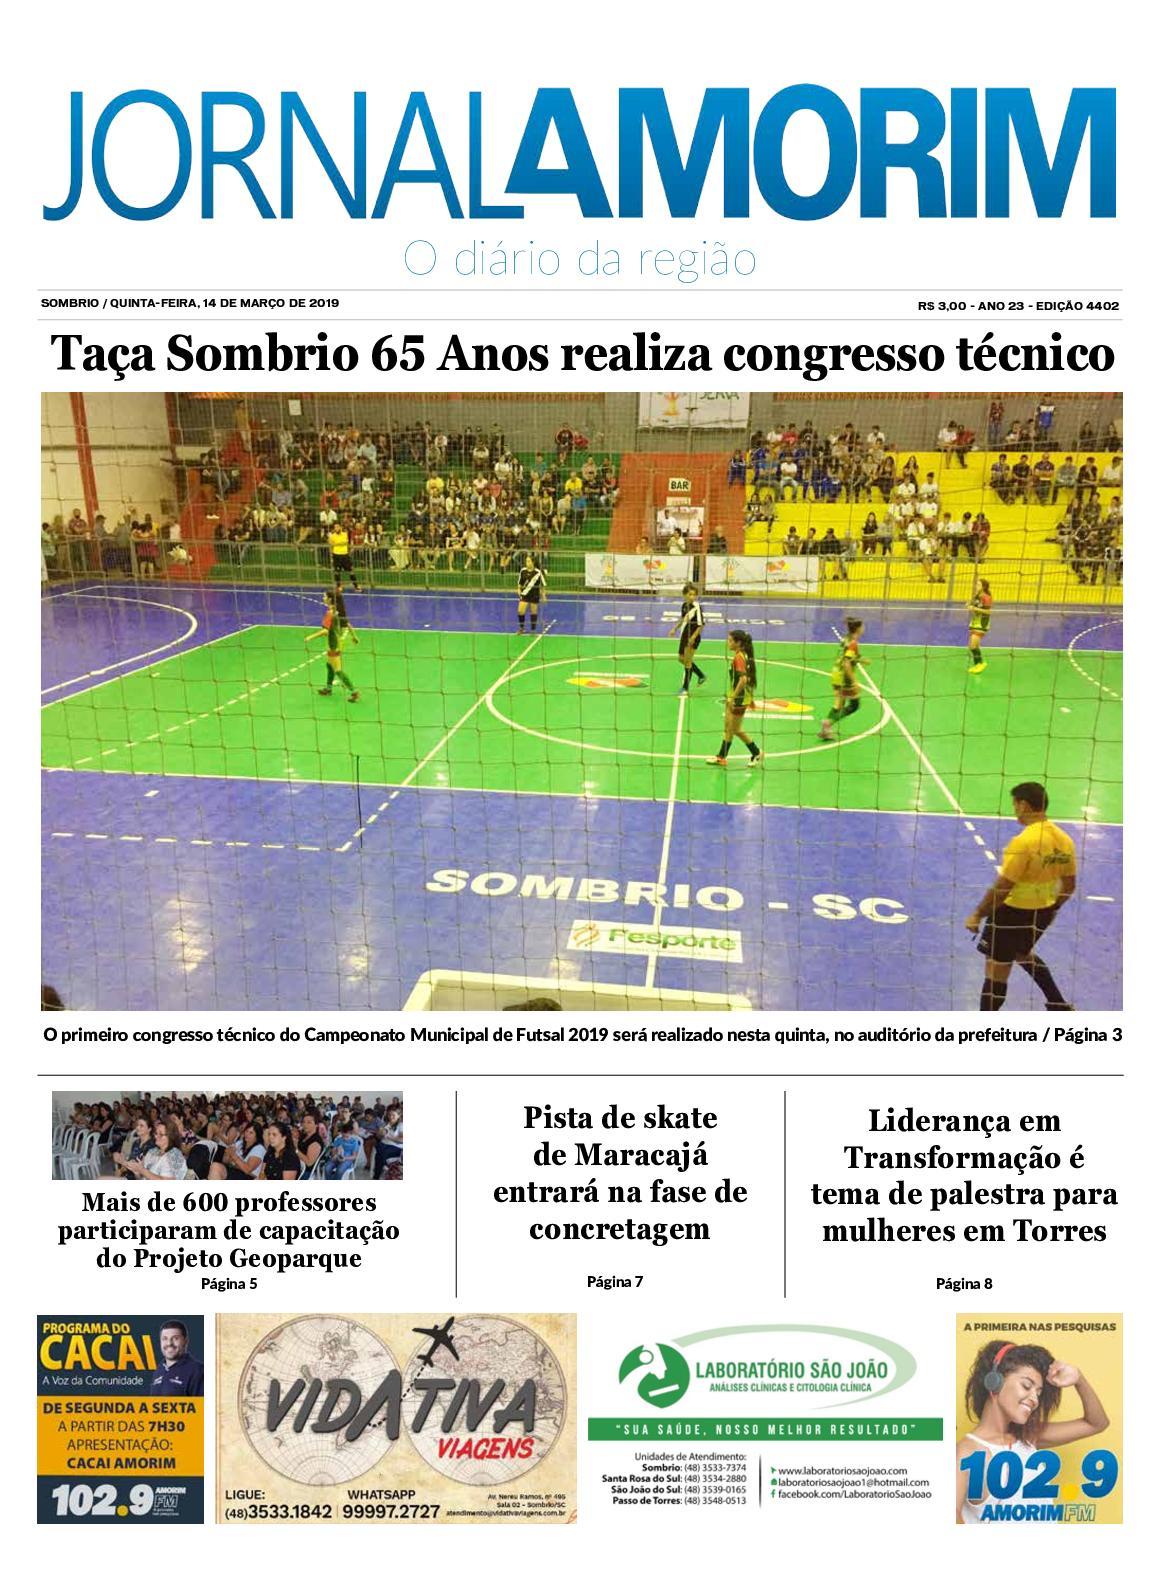 Jornal Amorim 14-03-19